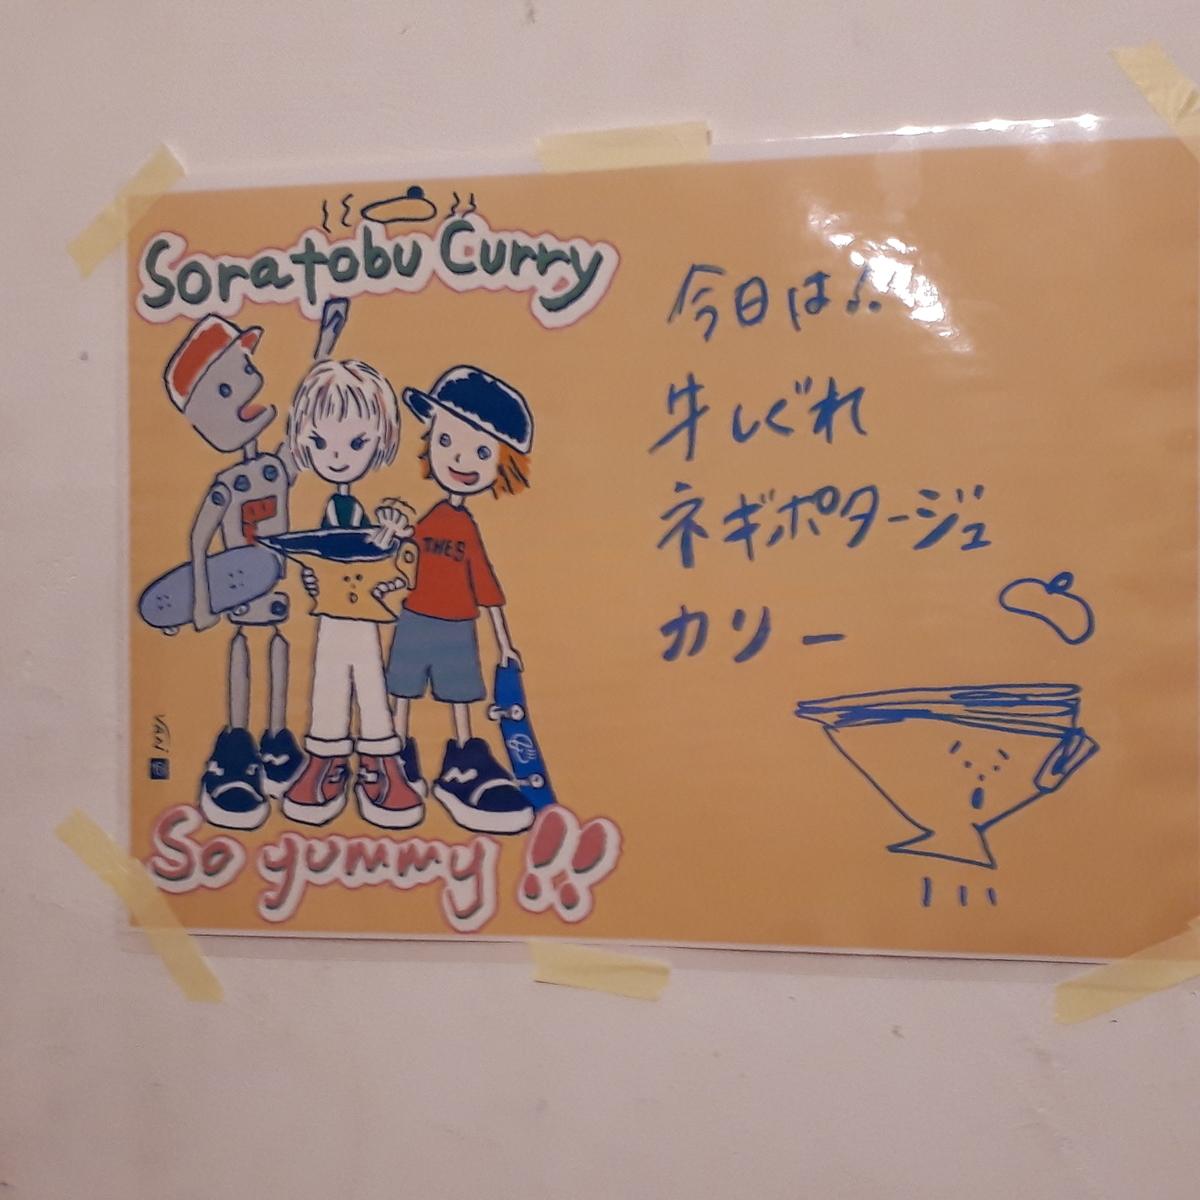 カレー事情聴取Vol.26 2019年7月12日 Soratobu Curry 牛しぐれネギポタージュカリー